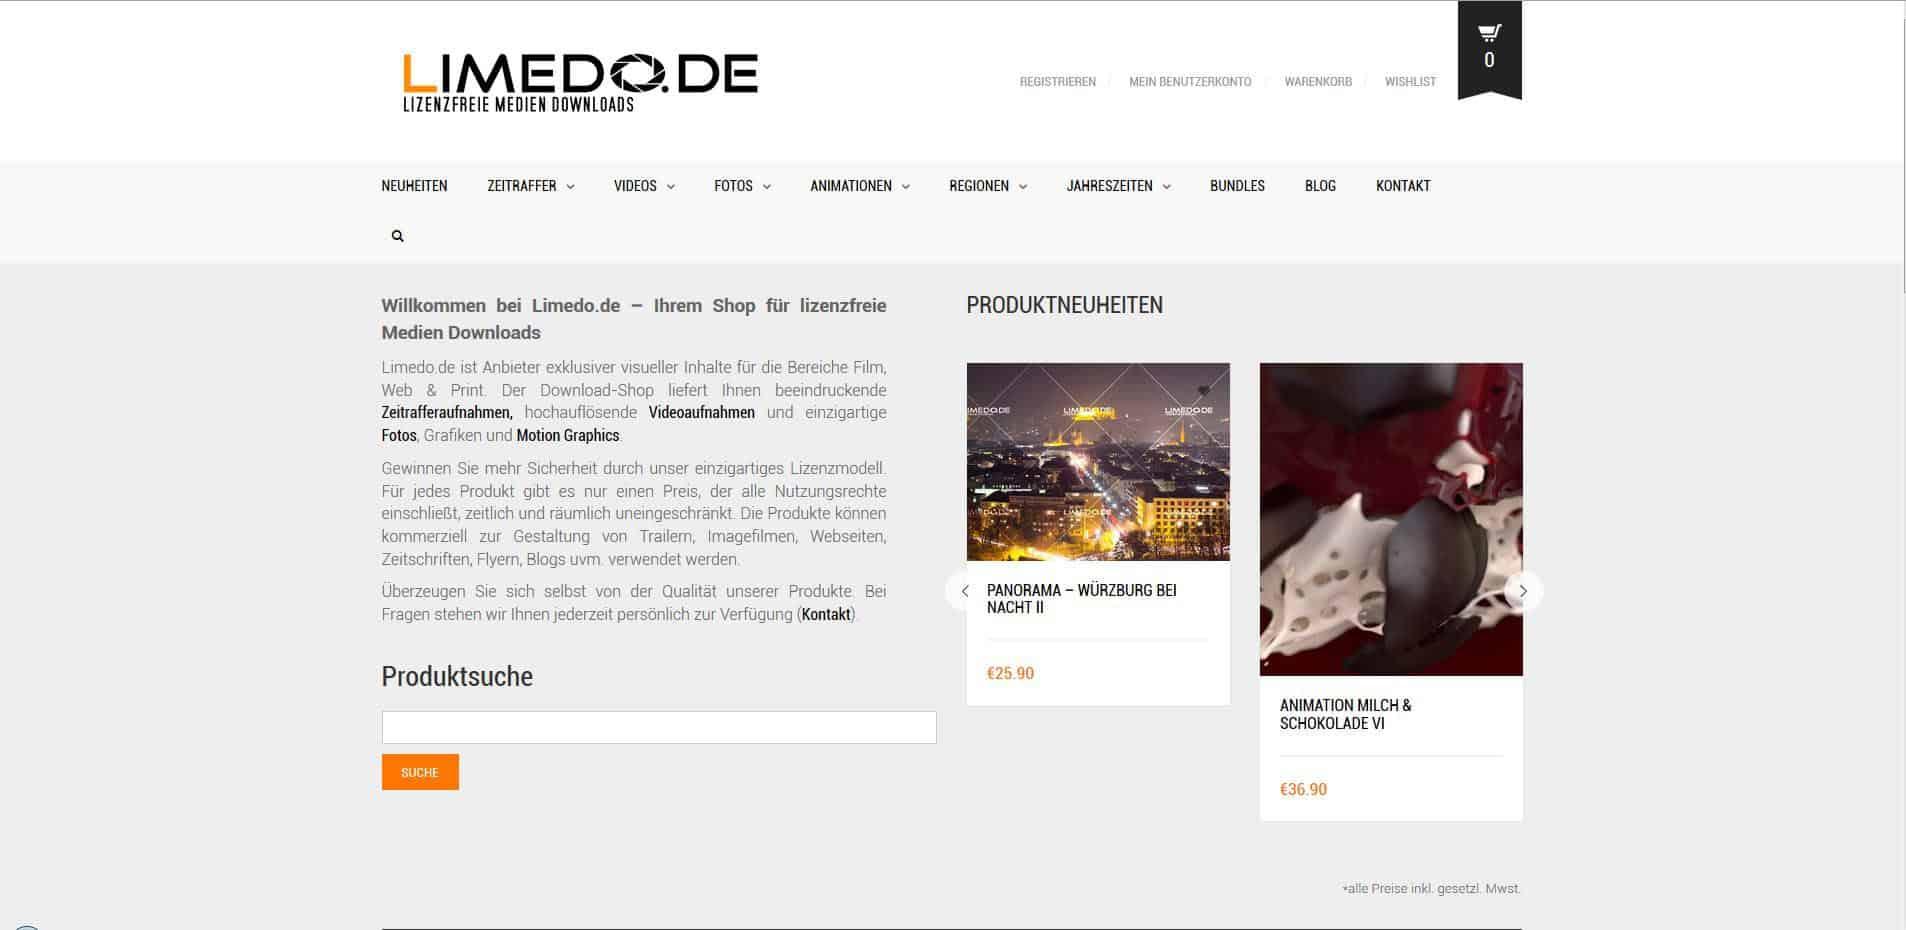 webdesign-limedo.de